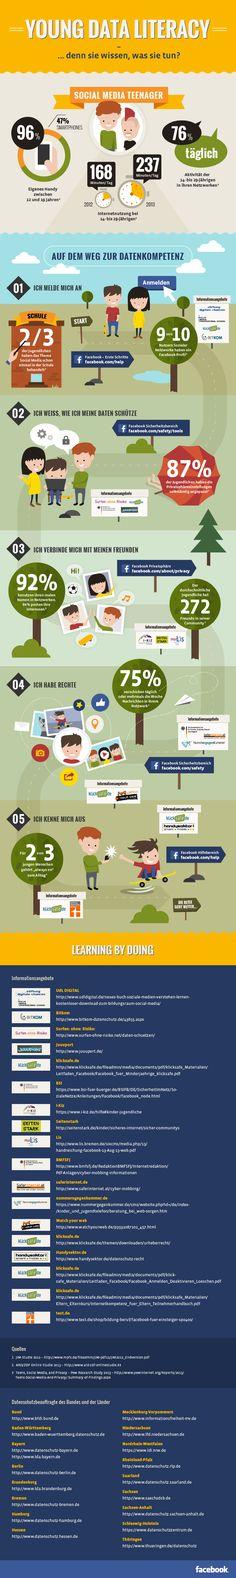 #SocialMedia für Teenager - denn sie wissen, was sie tun? #Infographik